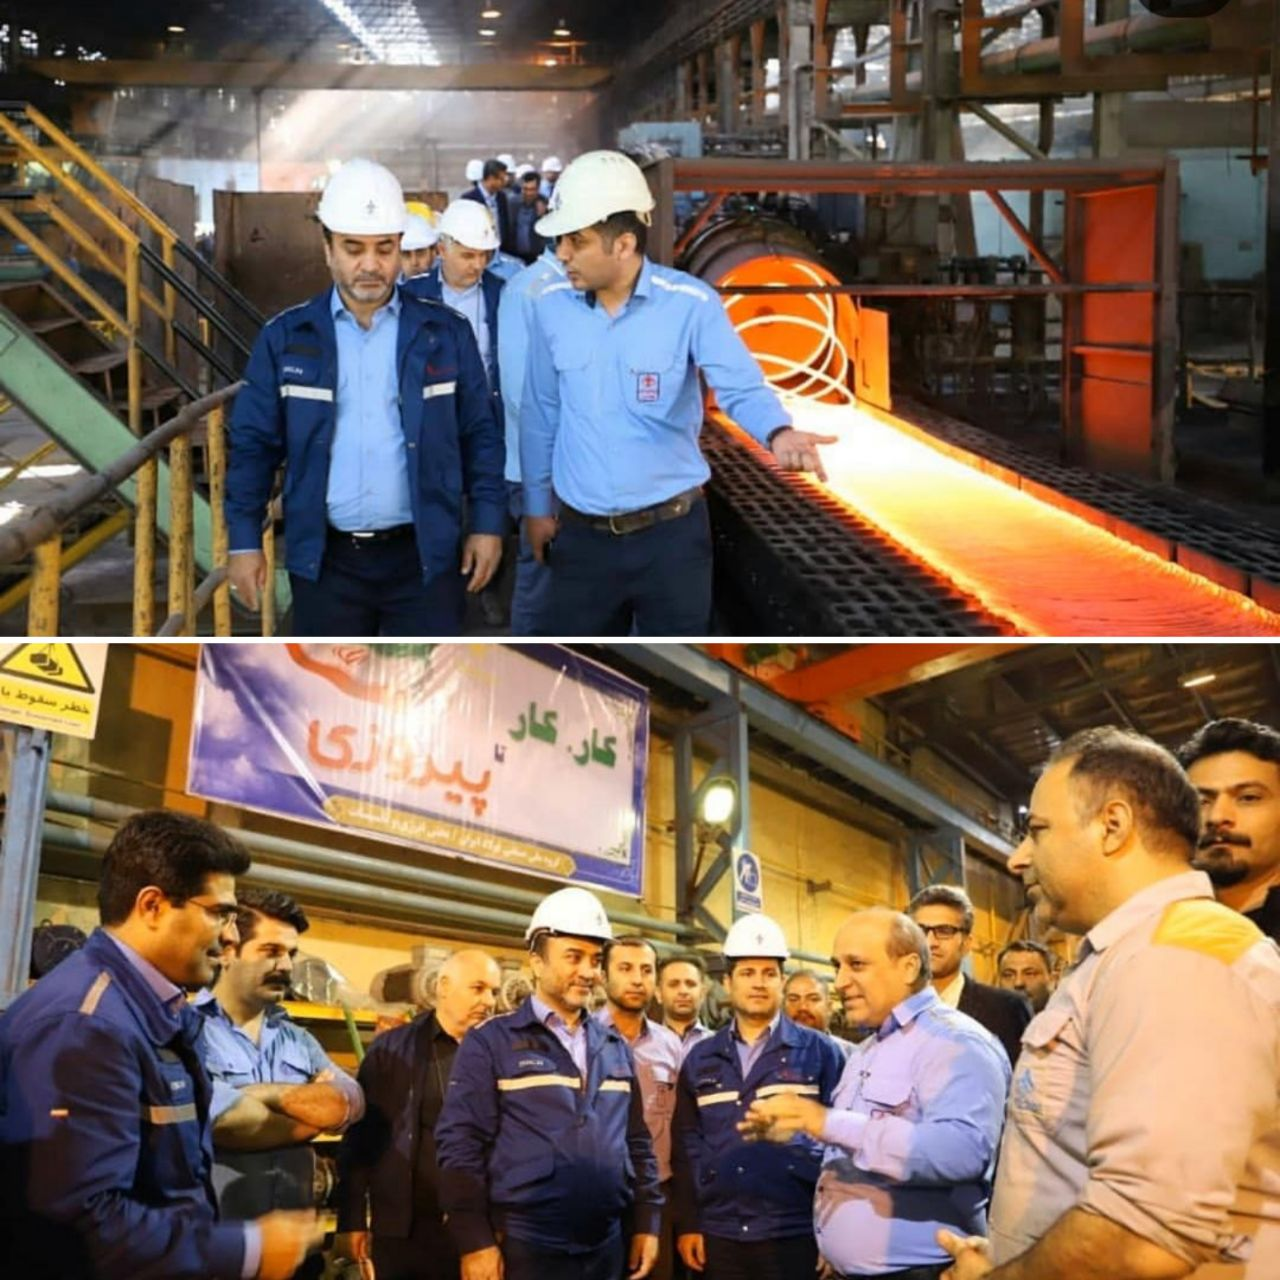 """گام بلند گروه ملی فولاد در راستای تحقق شعار """"جهش تولید"""" با ثبت رکورد تولید پس از 4 سال"""